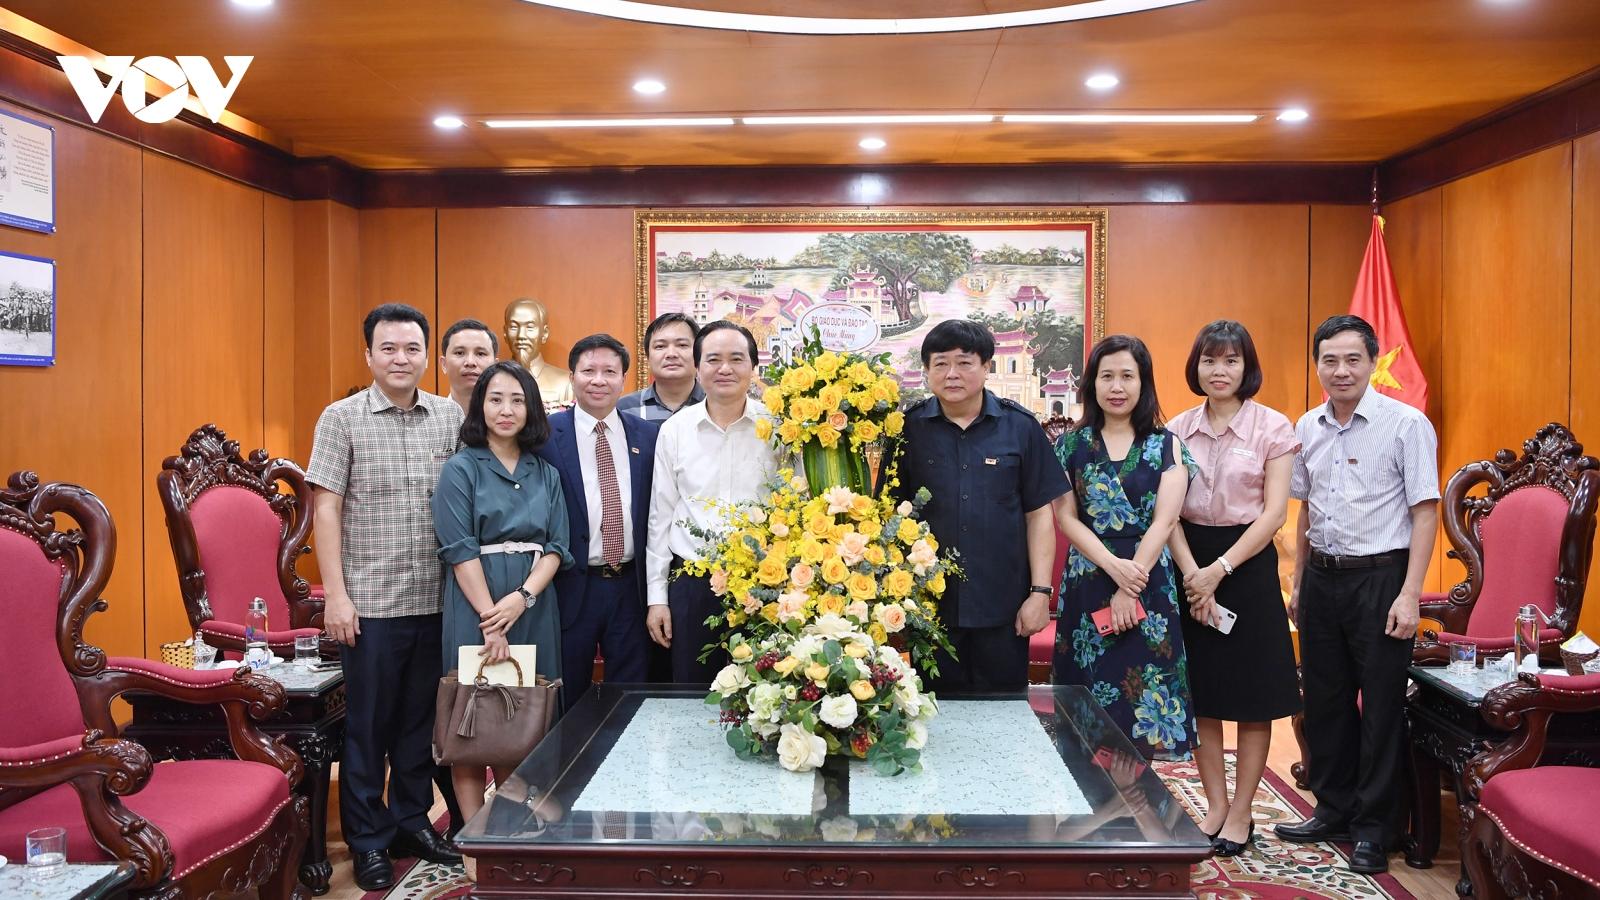 Bộ trưởng Bộ GD-ĐT Phùng Xuân Nhạ chúc mừng VOV nhân 75 năm thành lập